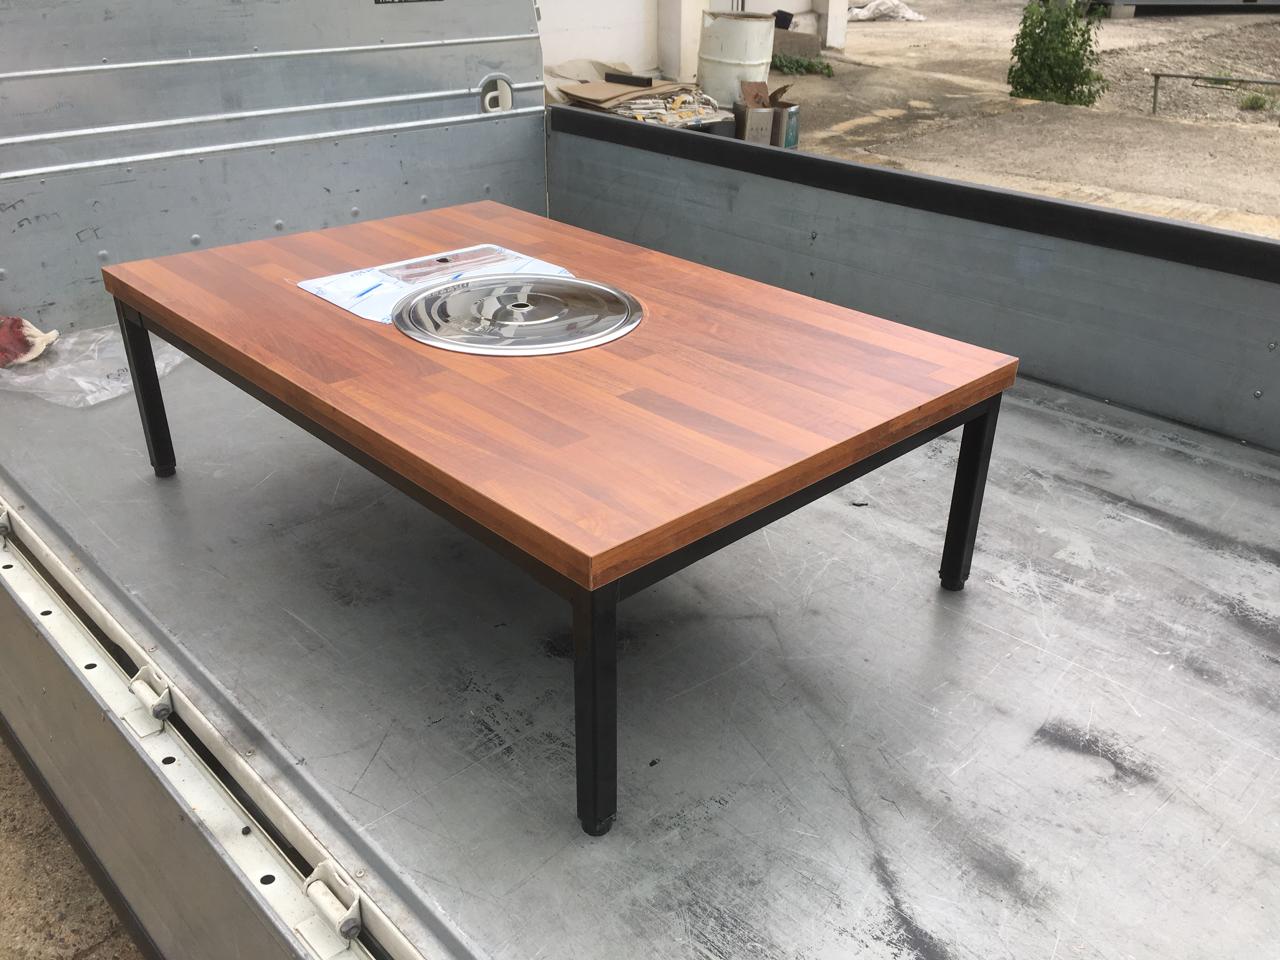 가정용 불판테이블,불판식탁,불판테이블,테이블 판매합니다.